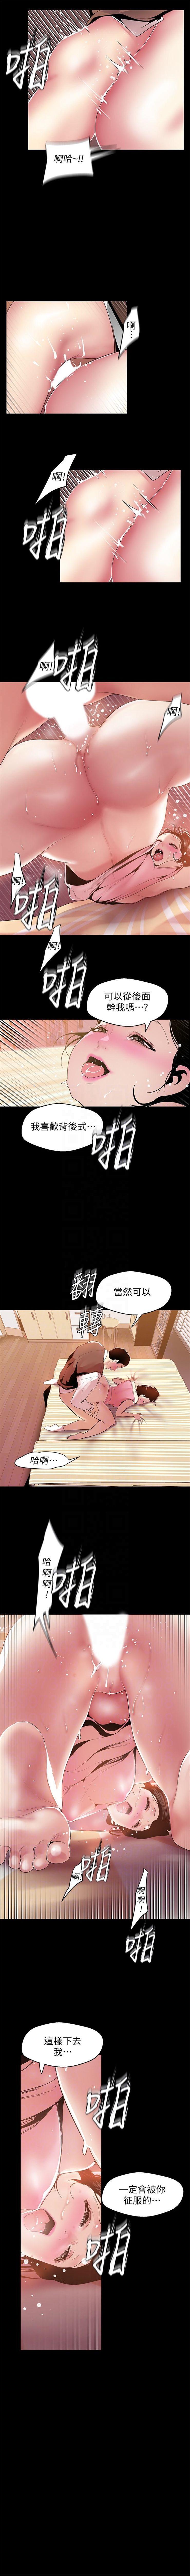 美麗新世界 1-85 官方中文(連載中) 394